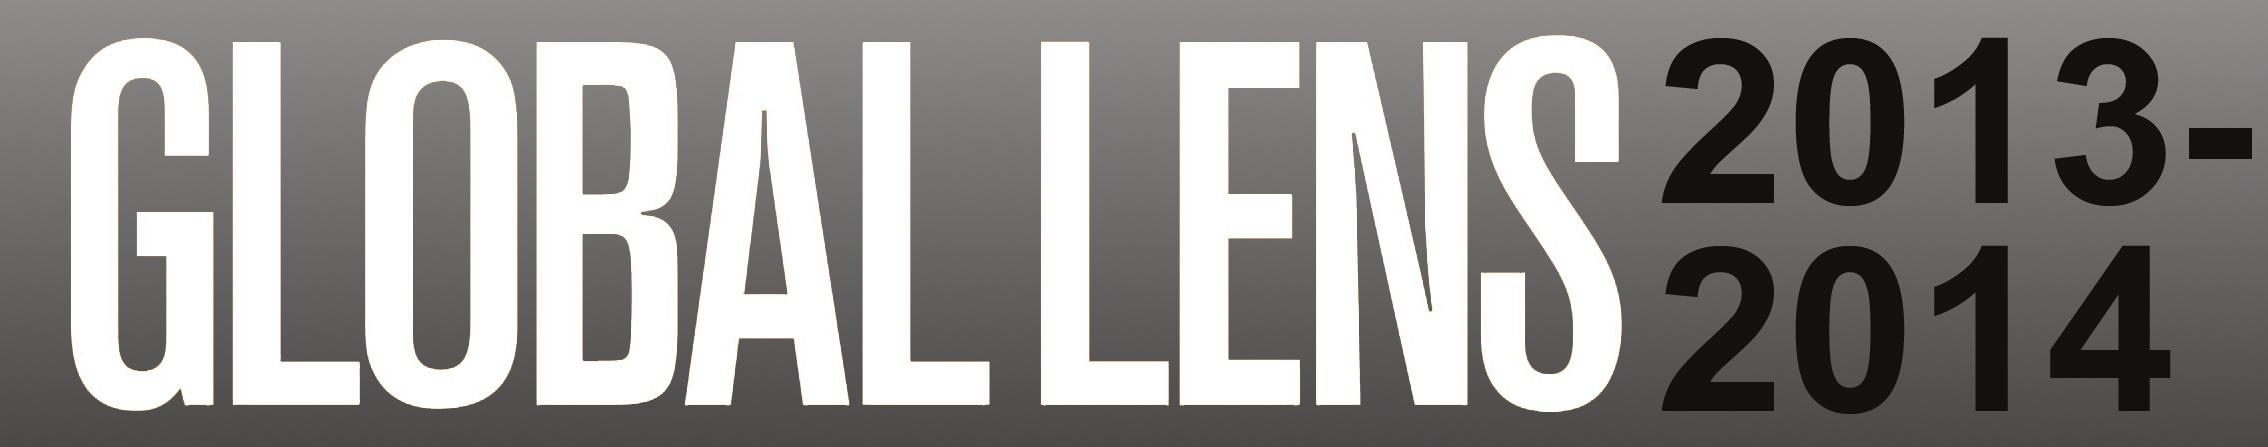 global lens logo